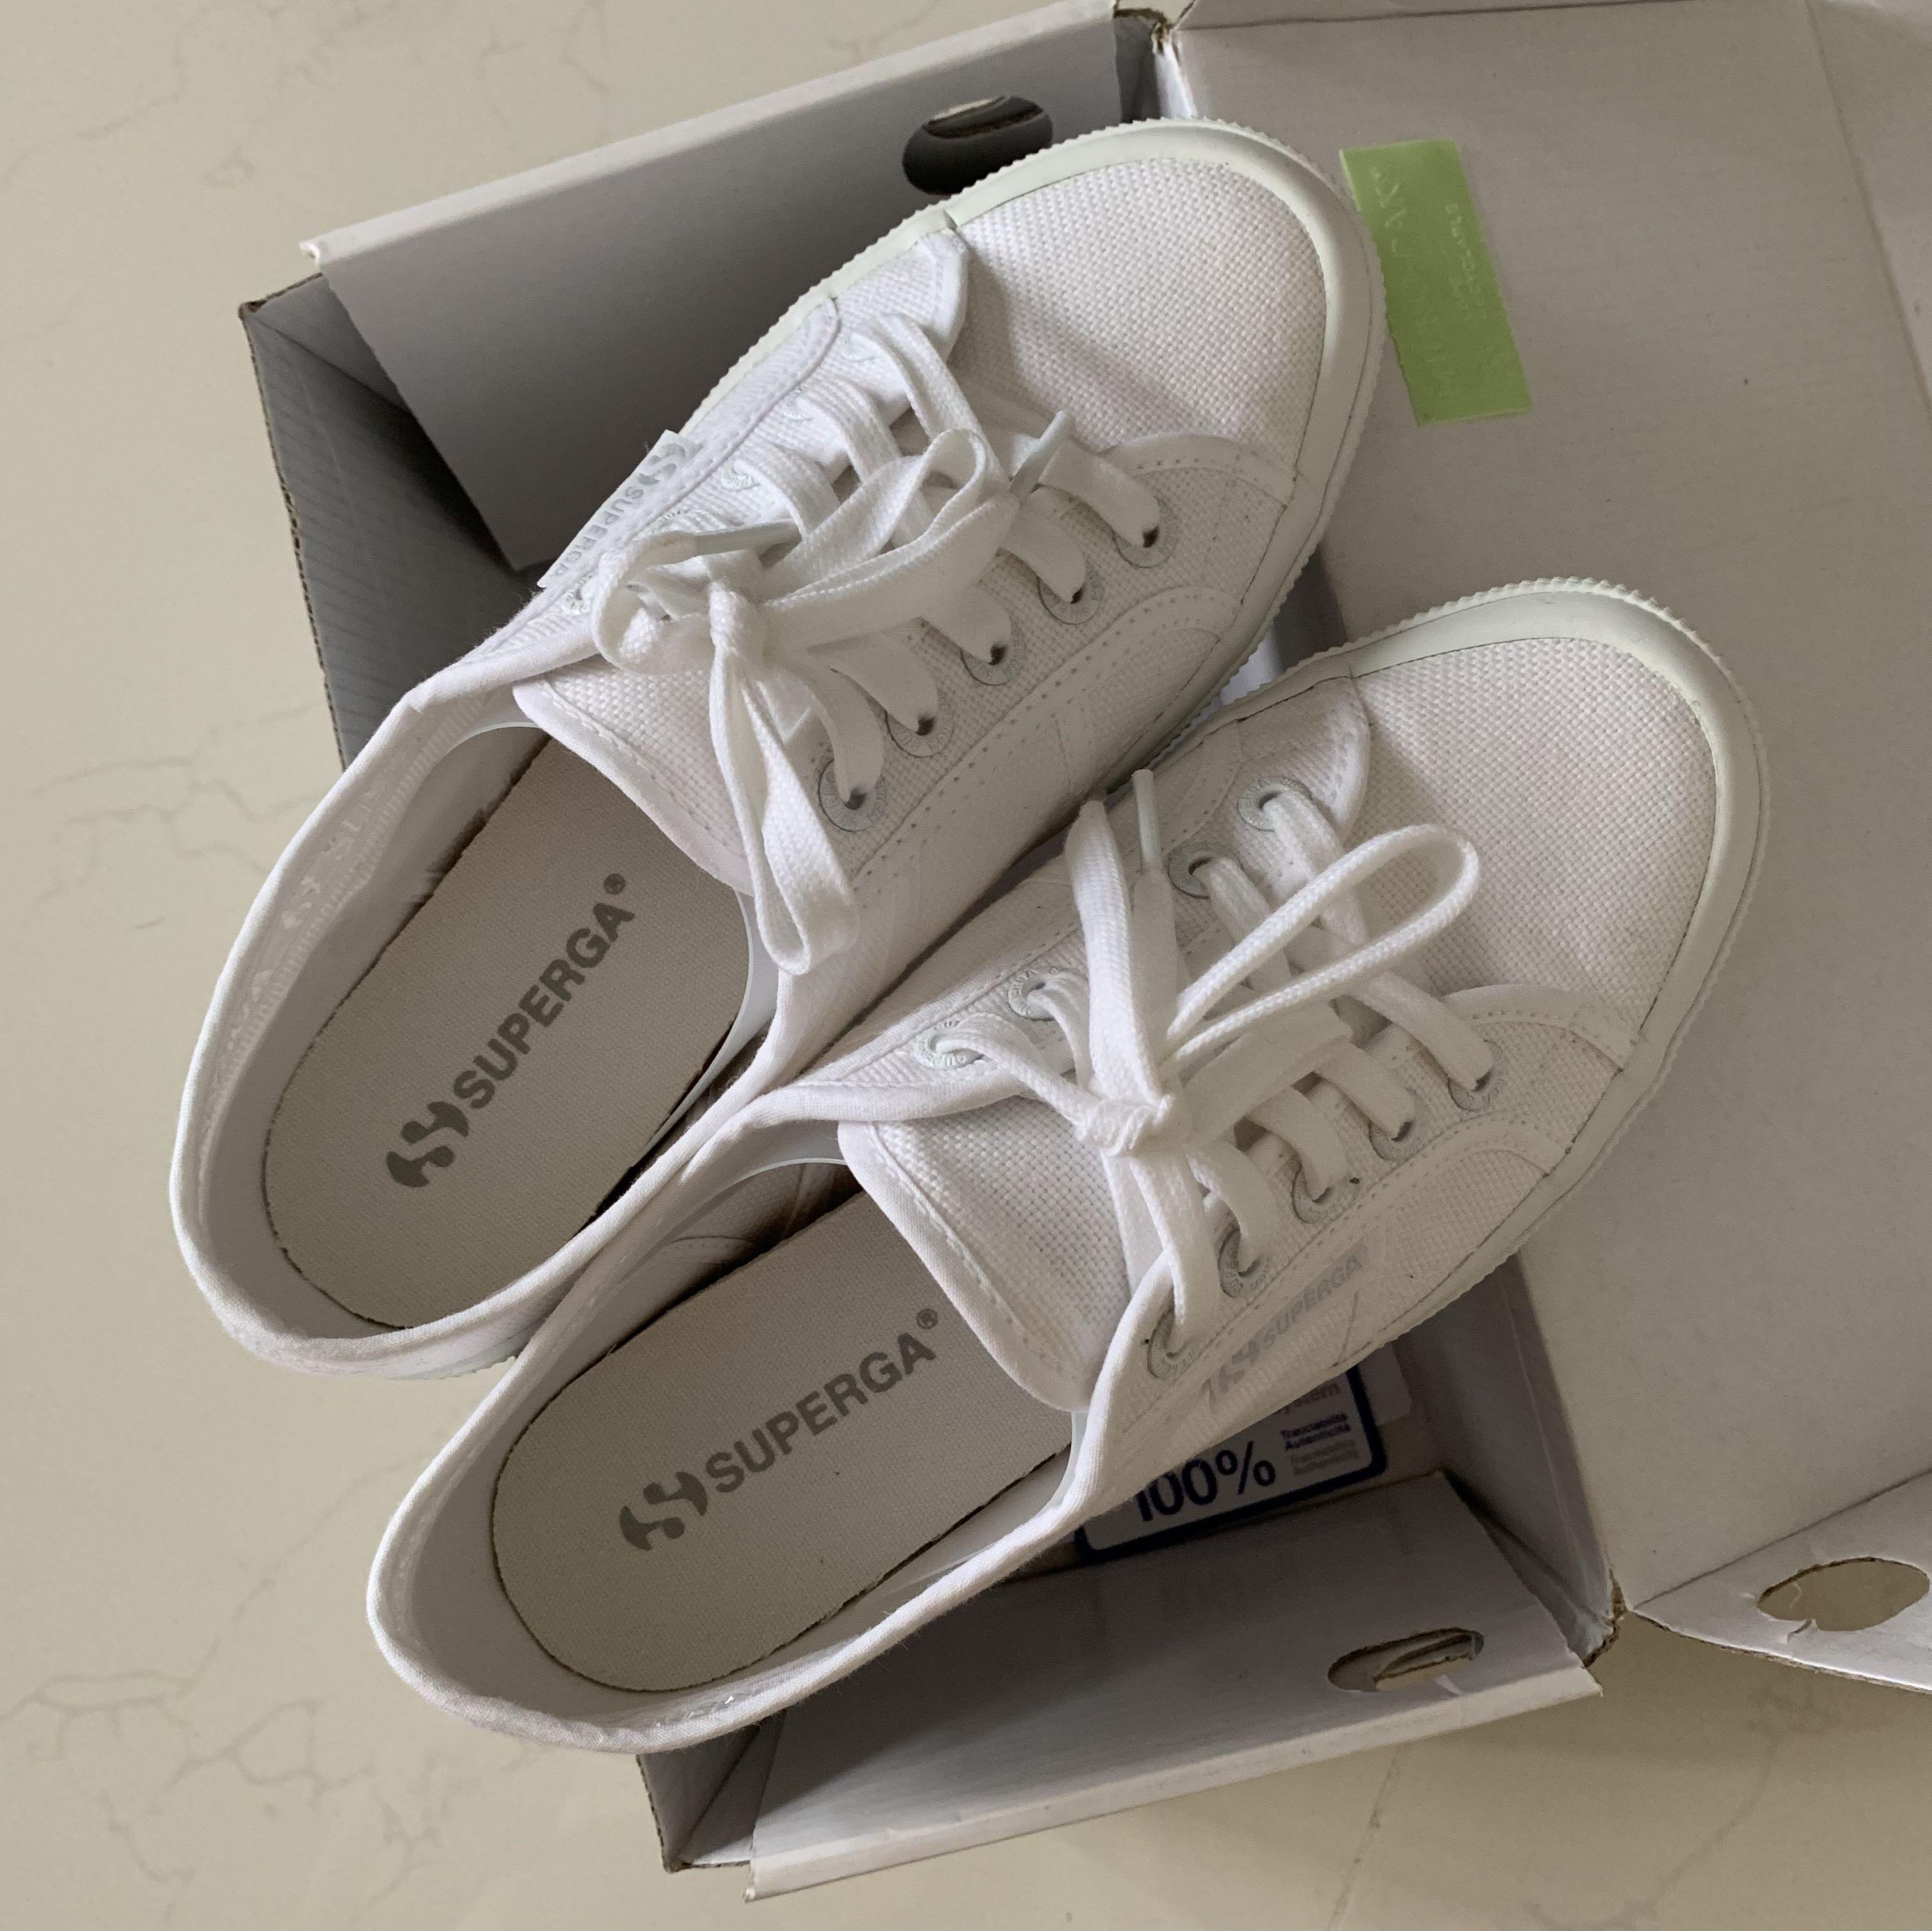 Superga 2750 Total White - Size 37